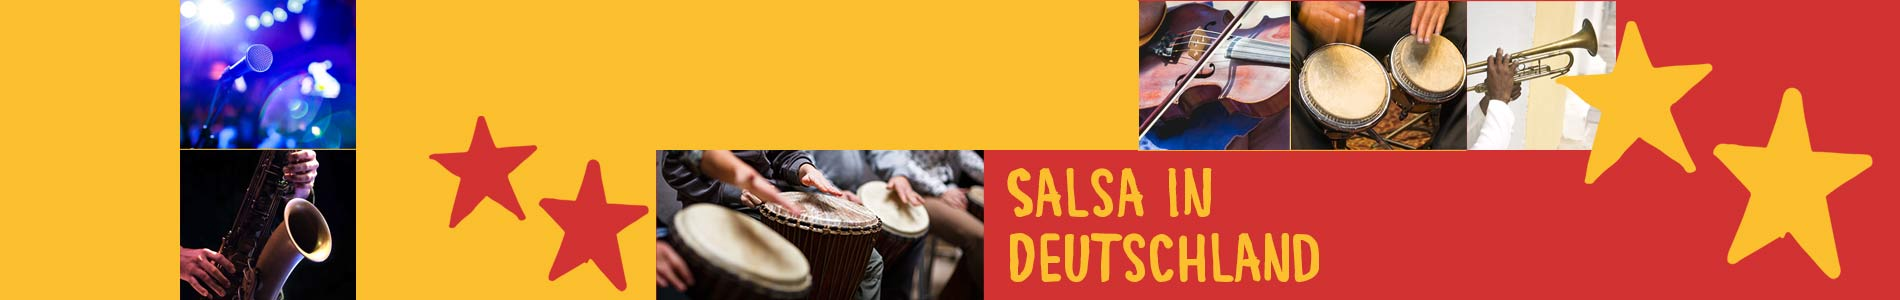 Salsa in Burgwerben – Salsa lernen und tanzen, Tanzkurse, Partys, Veranstaltungen